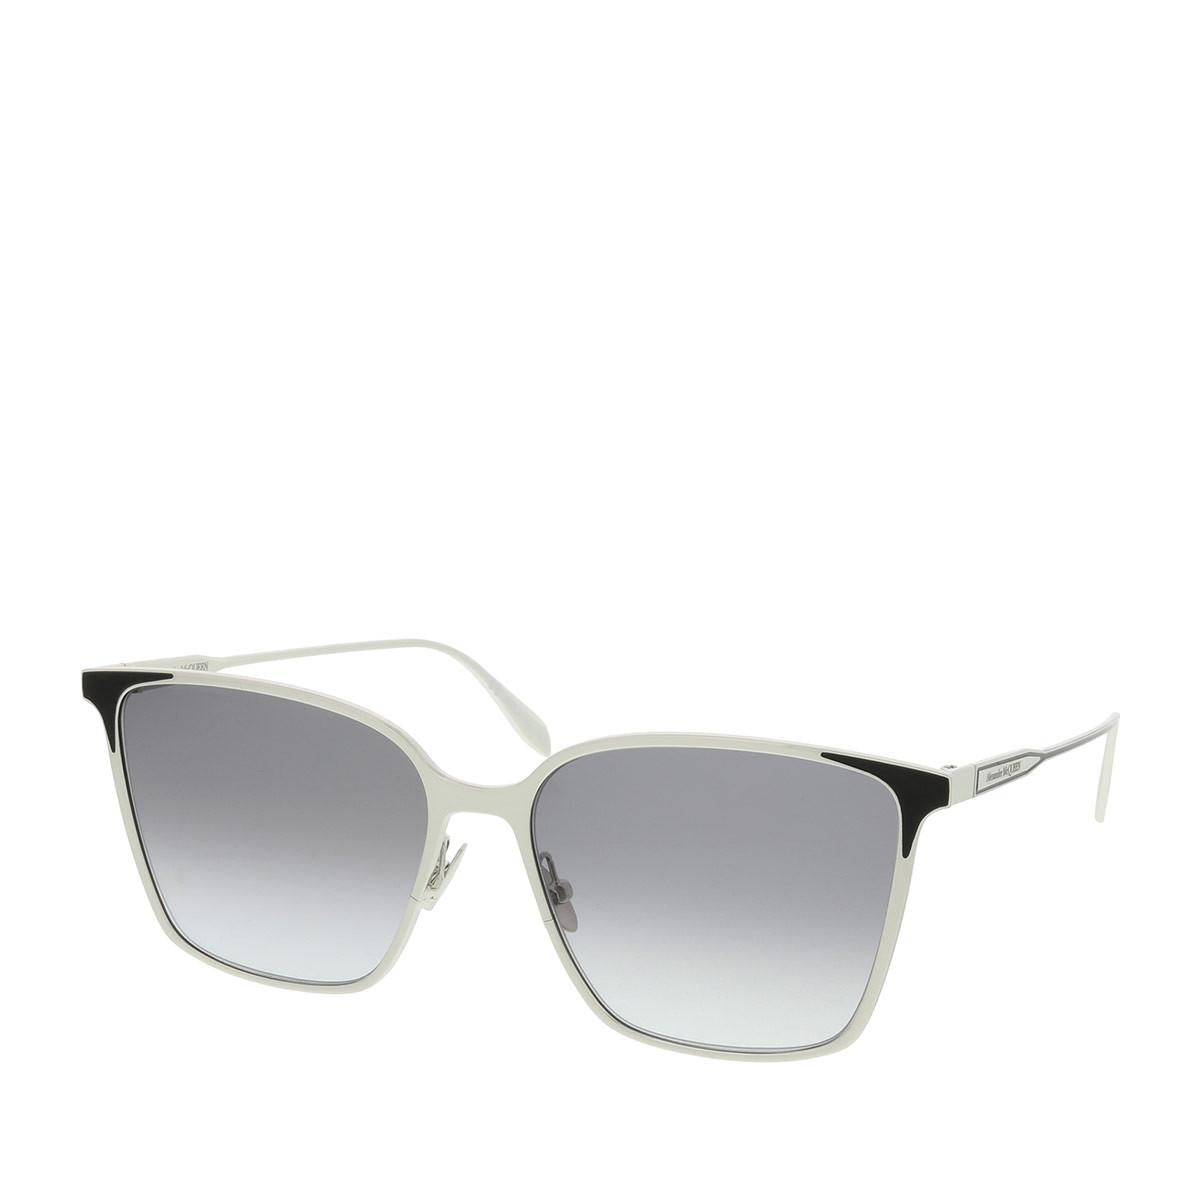 Alexander McQueen Sonnenbrille - AM0205S 57 002 - in silber - für Damen